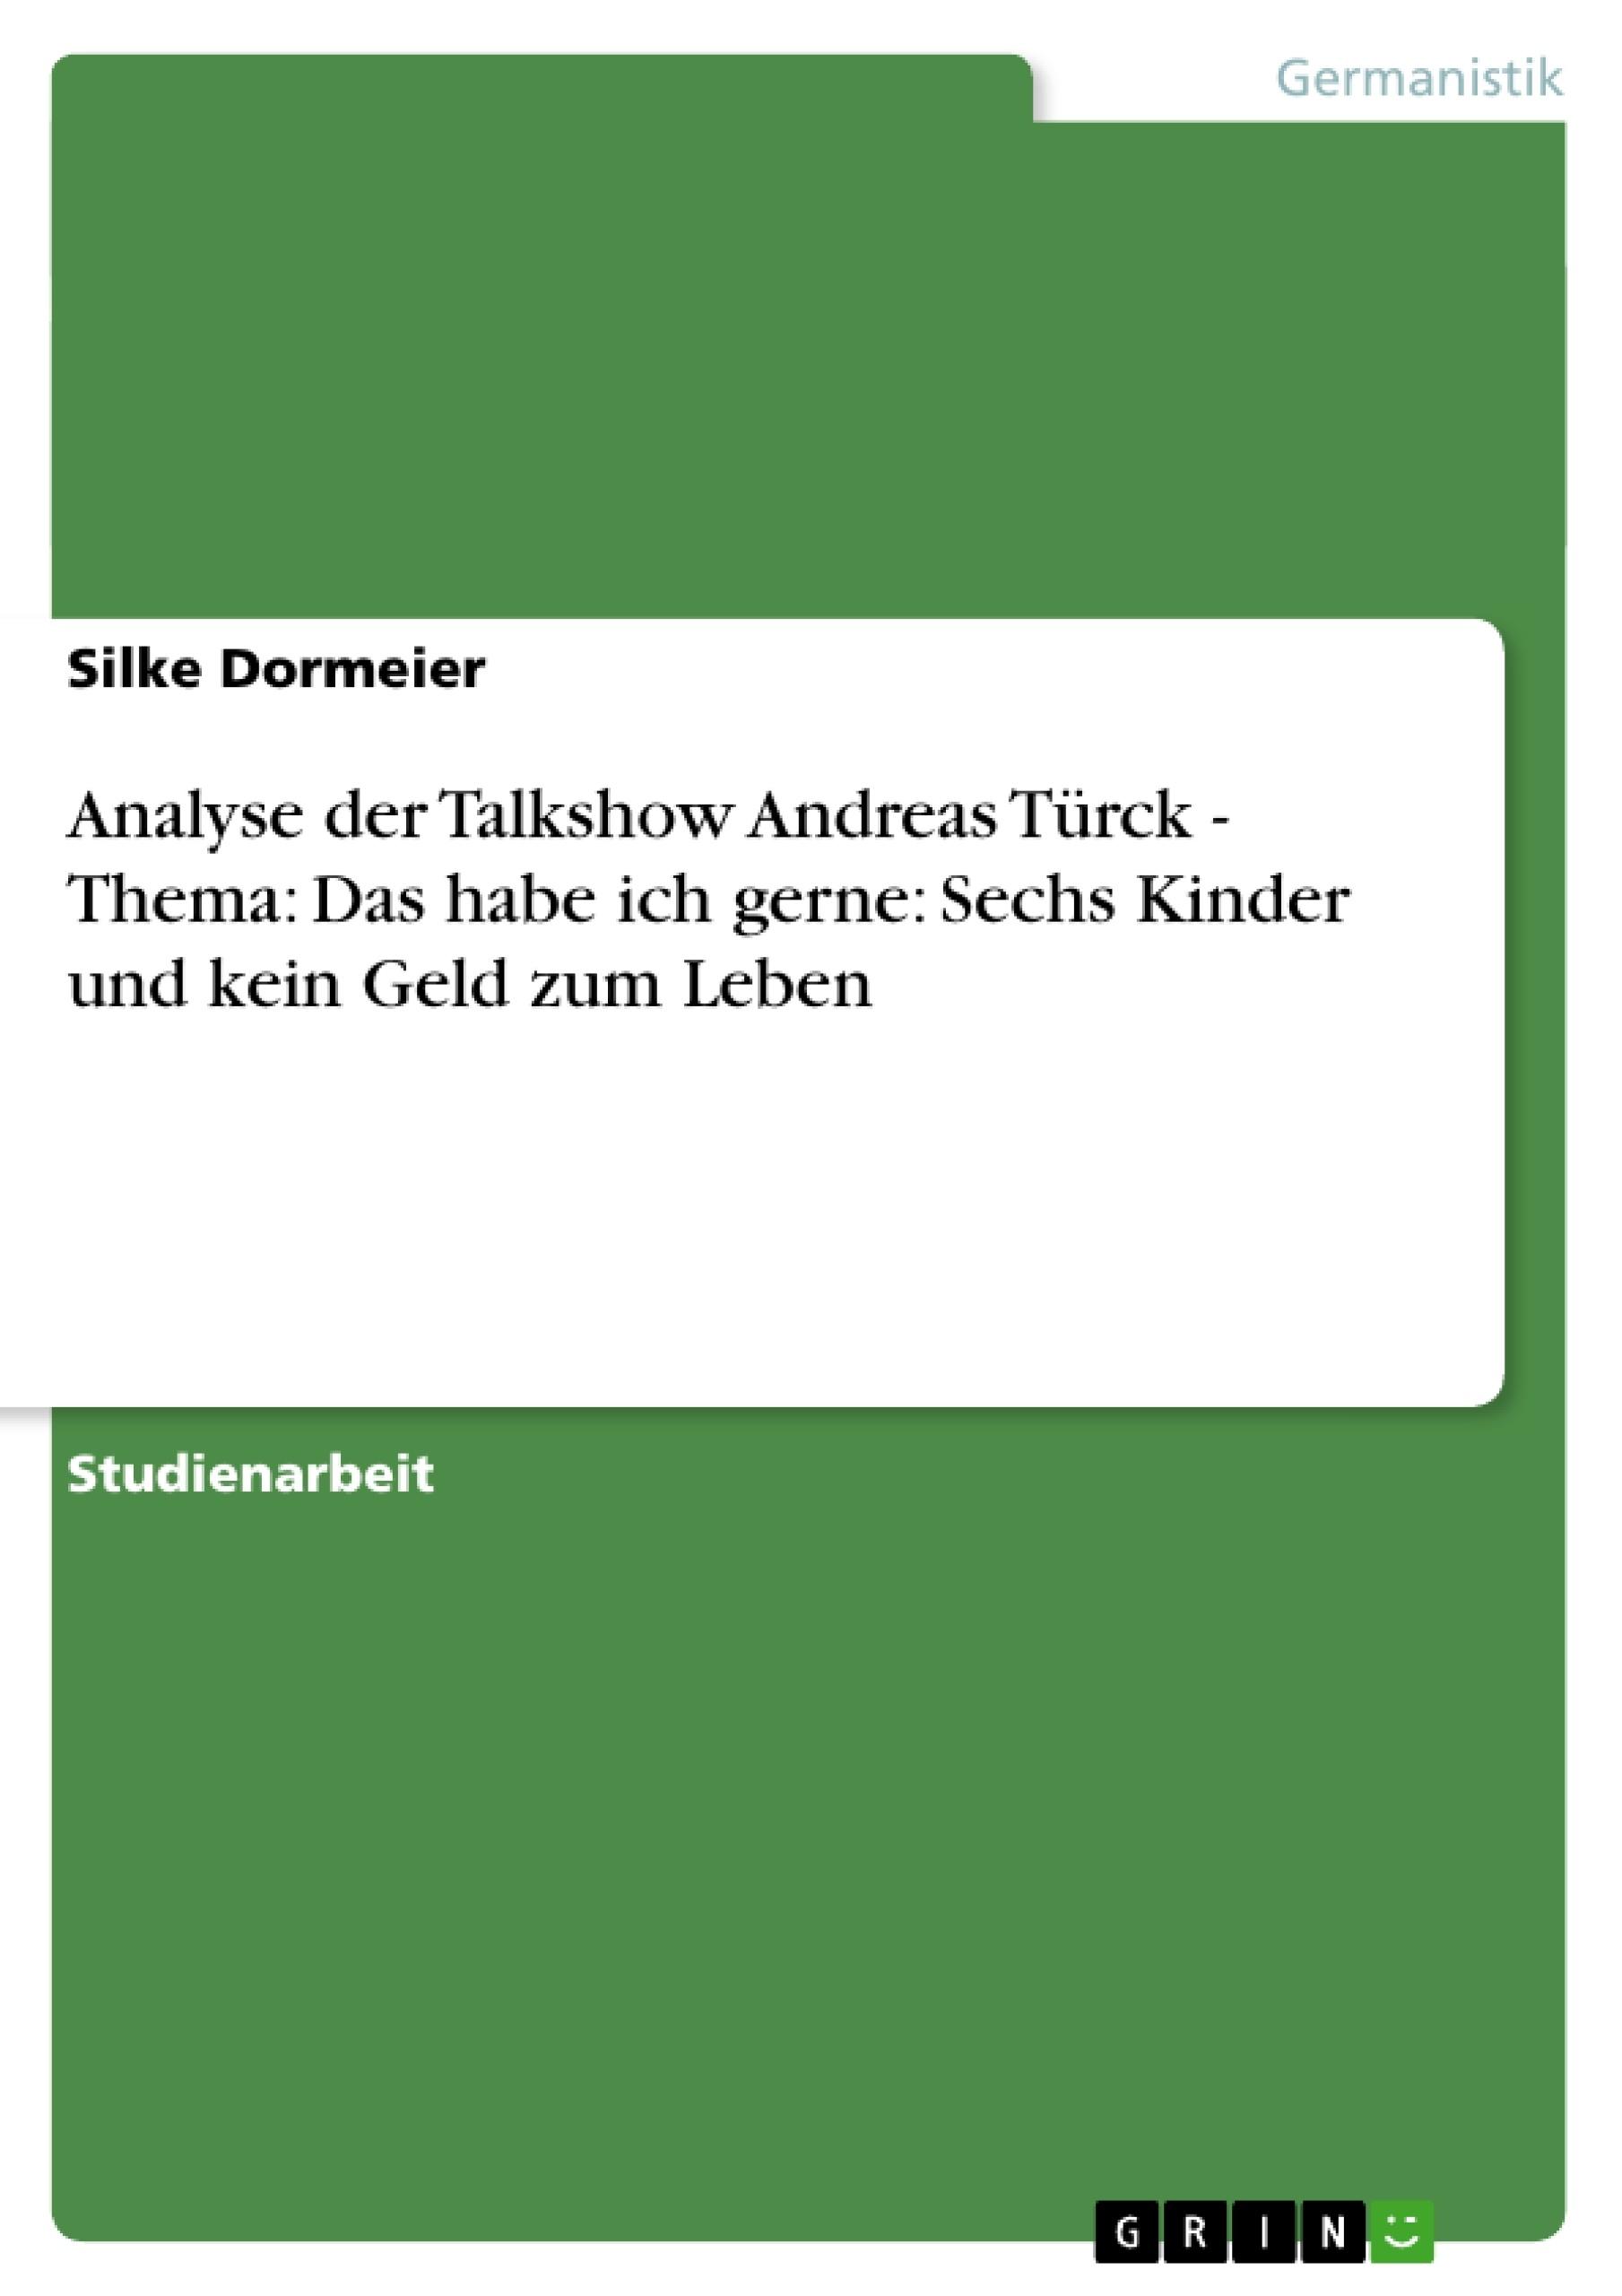 Titel: Analyse der Talkshow Andreas Türck - Thema: Das habe ich gerne: Sechs Kinder und kein Geld zum Leben